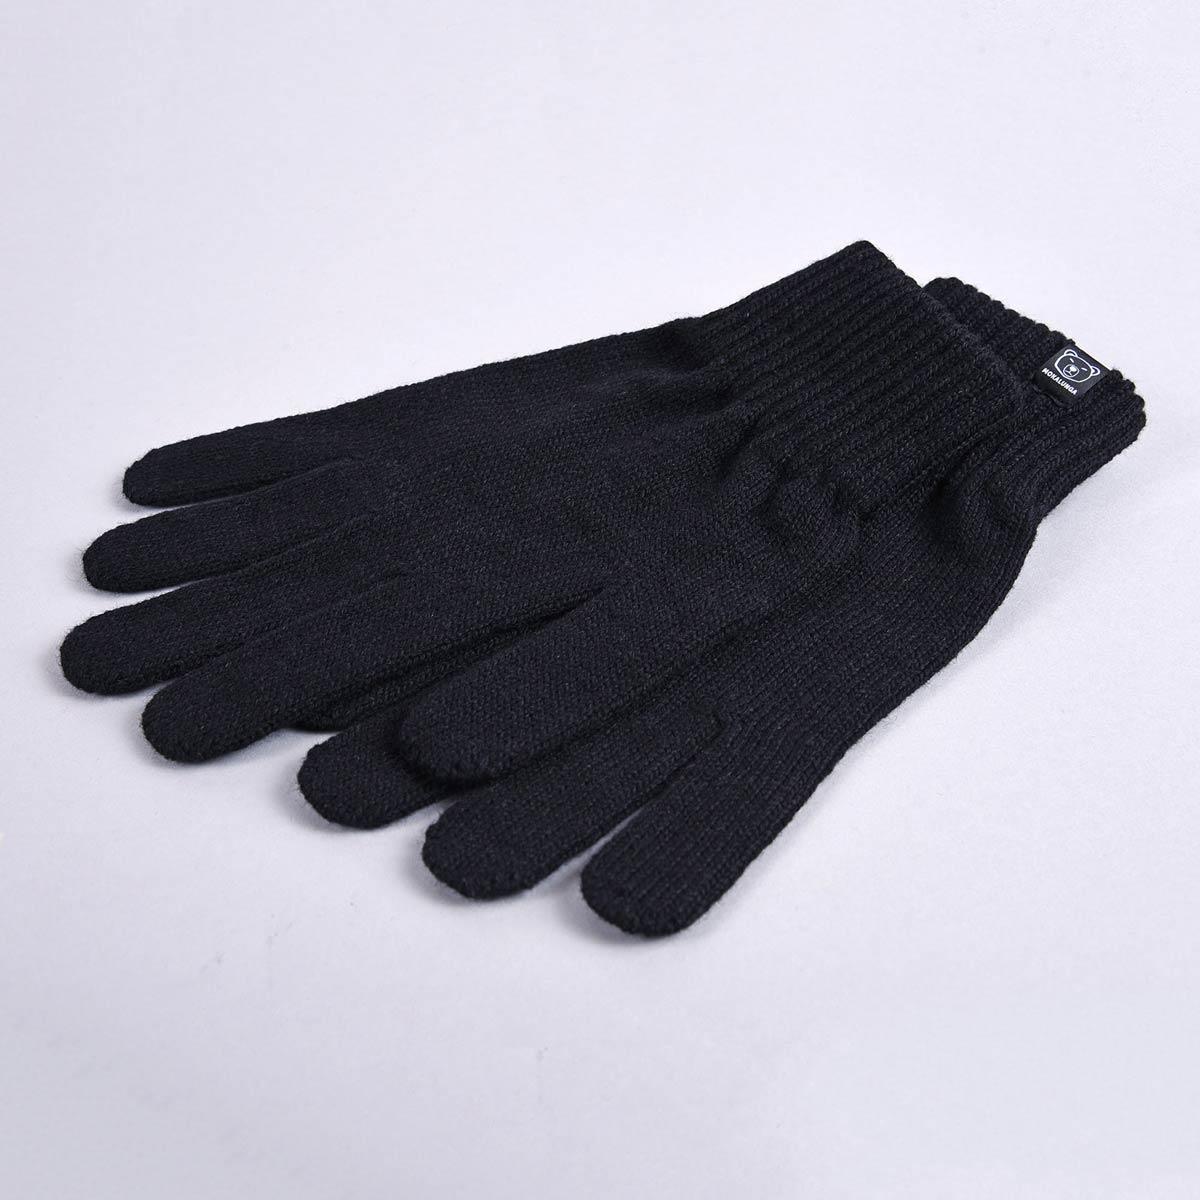 _Paire-de-gants-homme-noirs